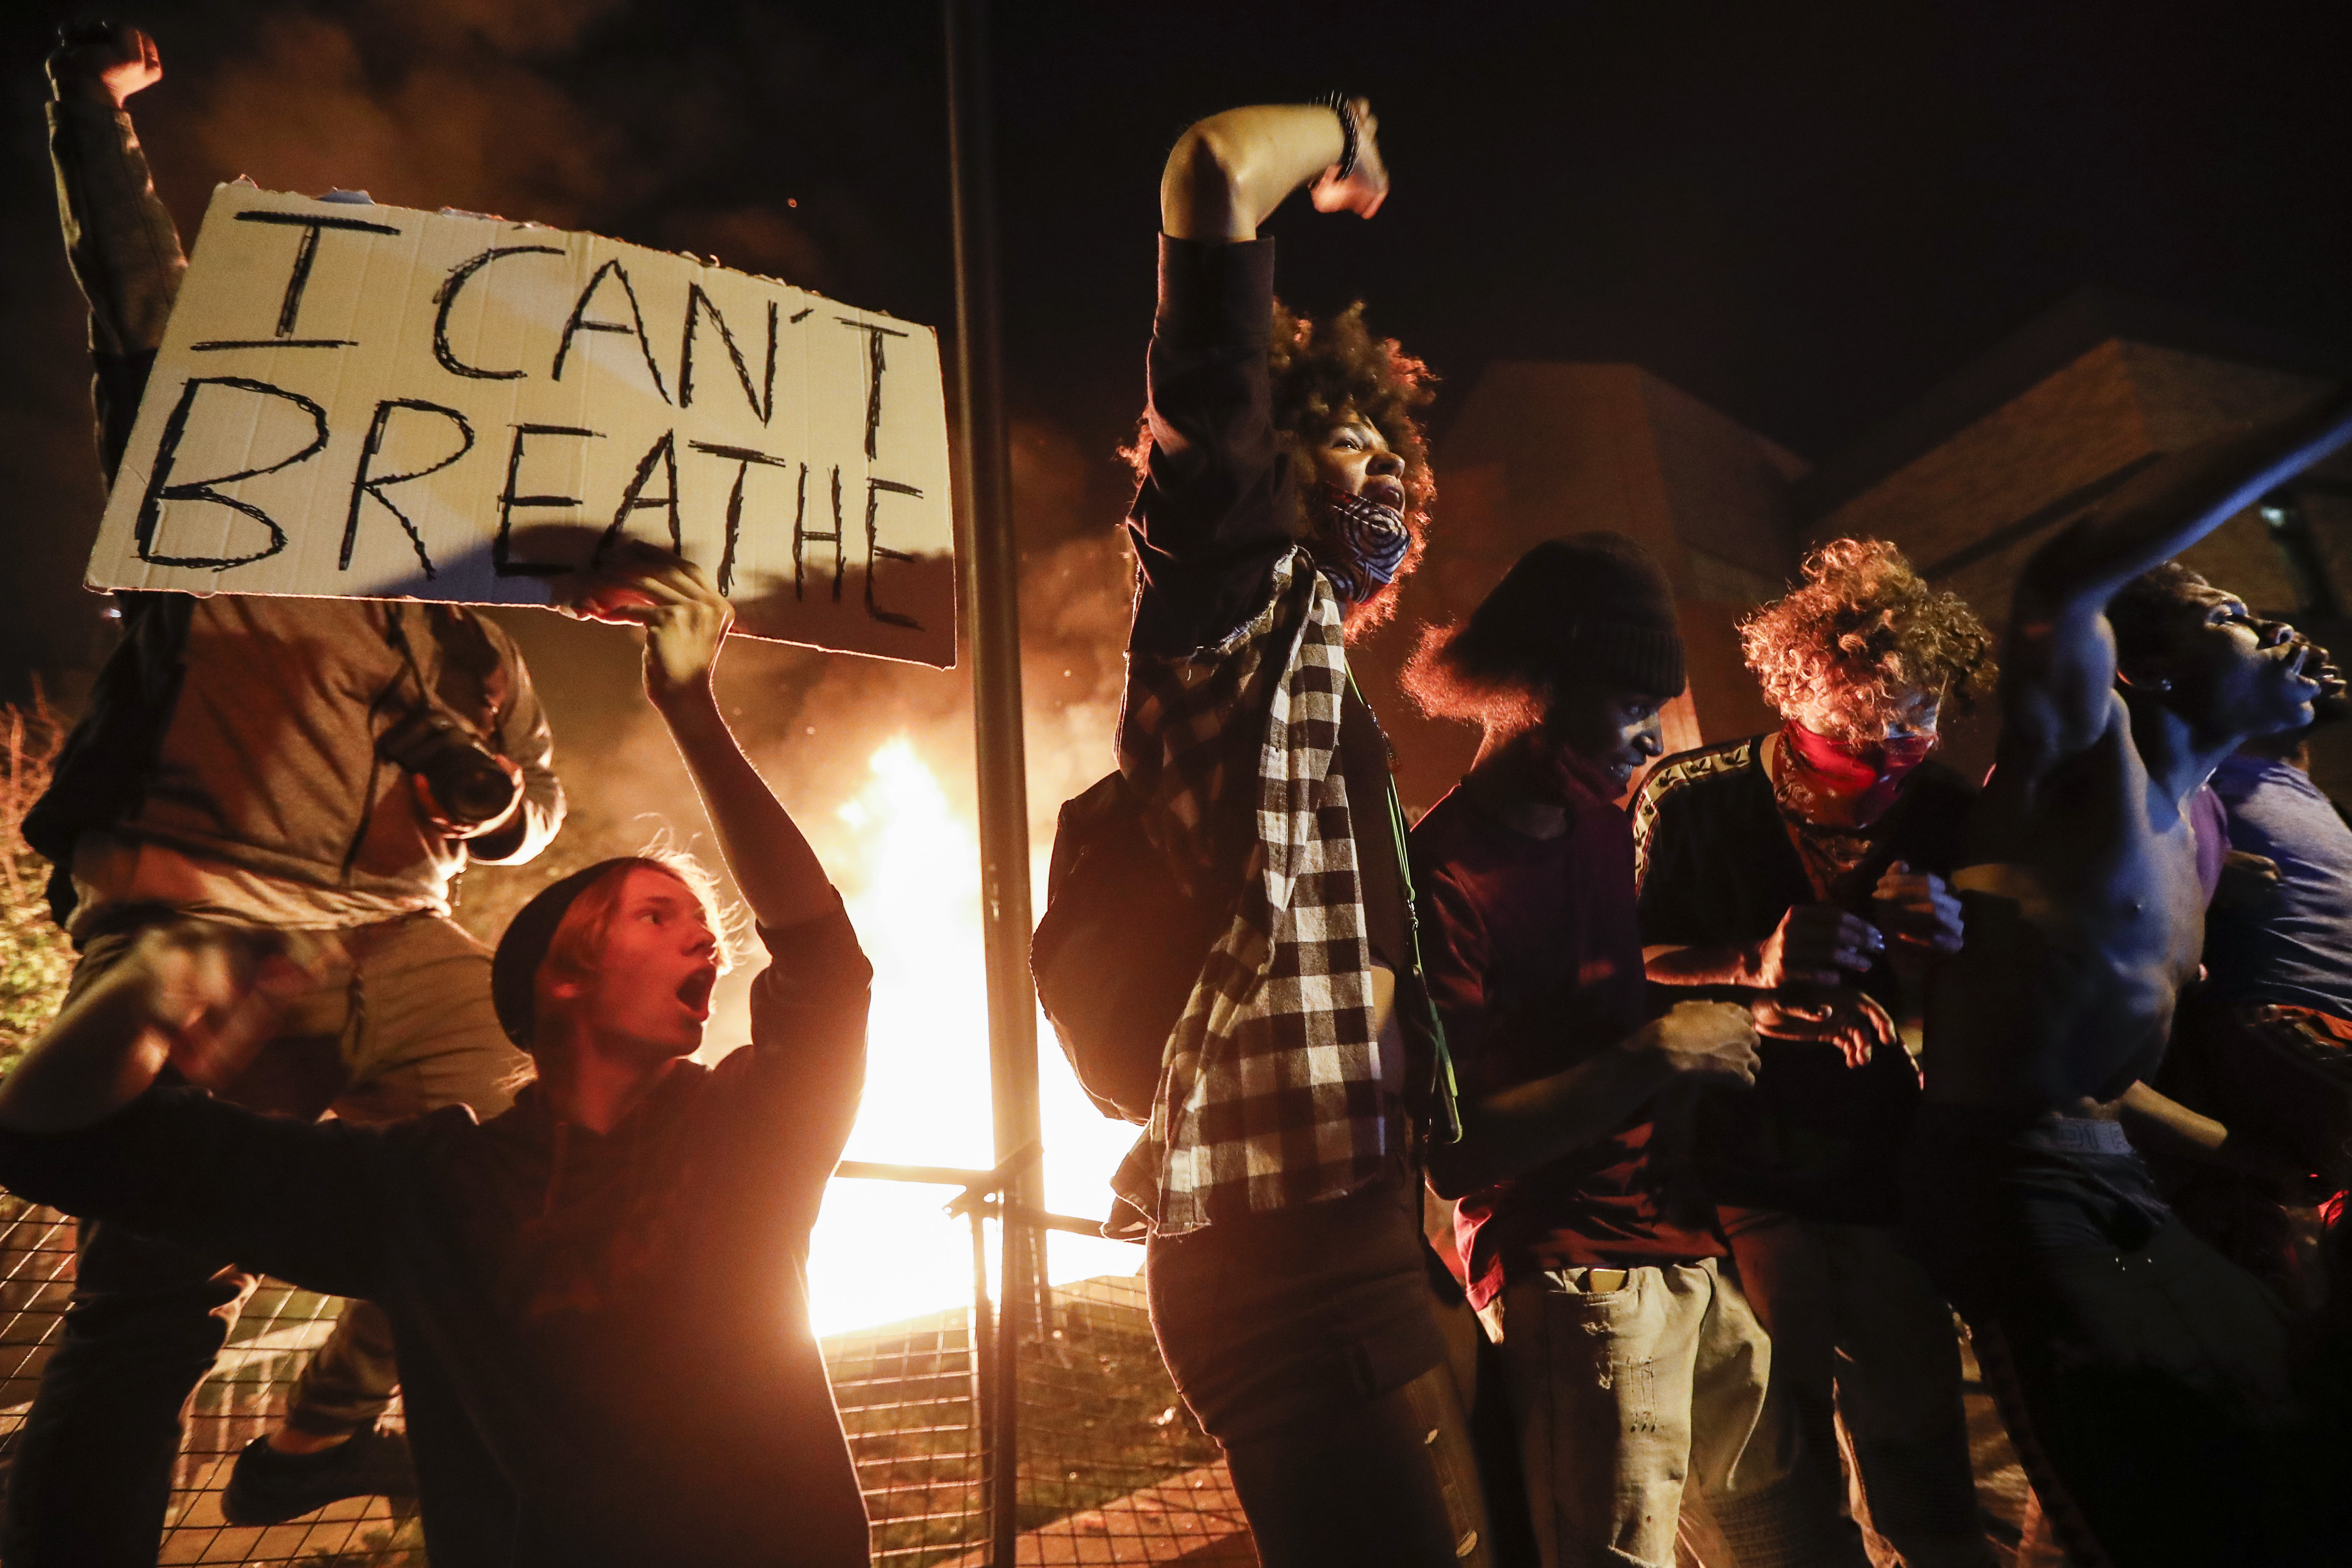 Manifestantes en las afueras de la 3ª Comisaría de Policía de Minneapolis, el jueves 28 de mayo de 2020, en Minneapolis (Foto AP/John Minchillo)